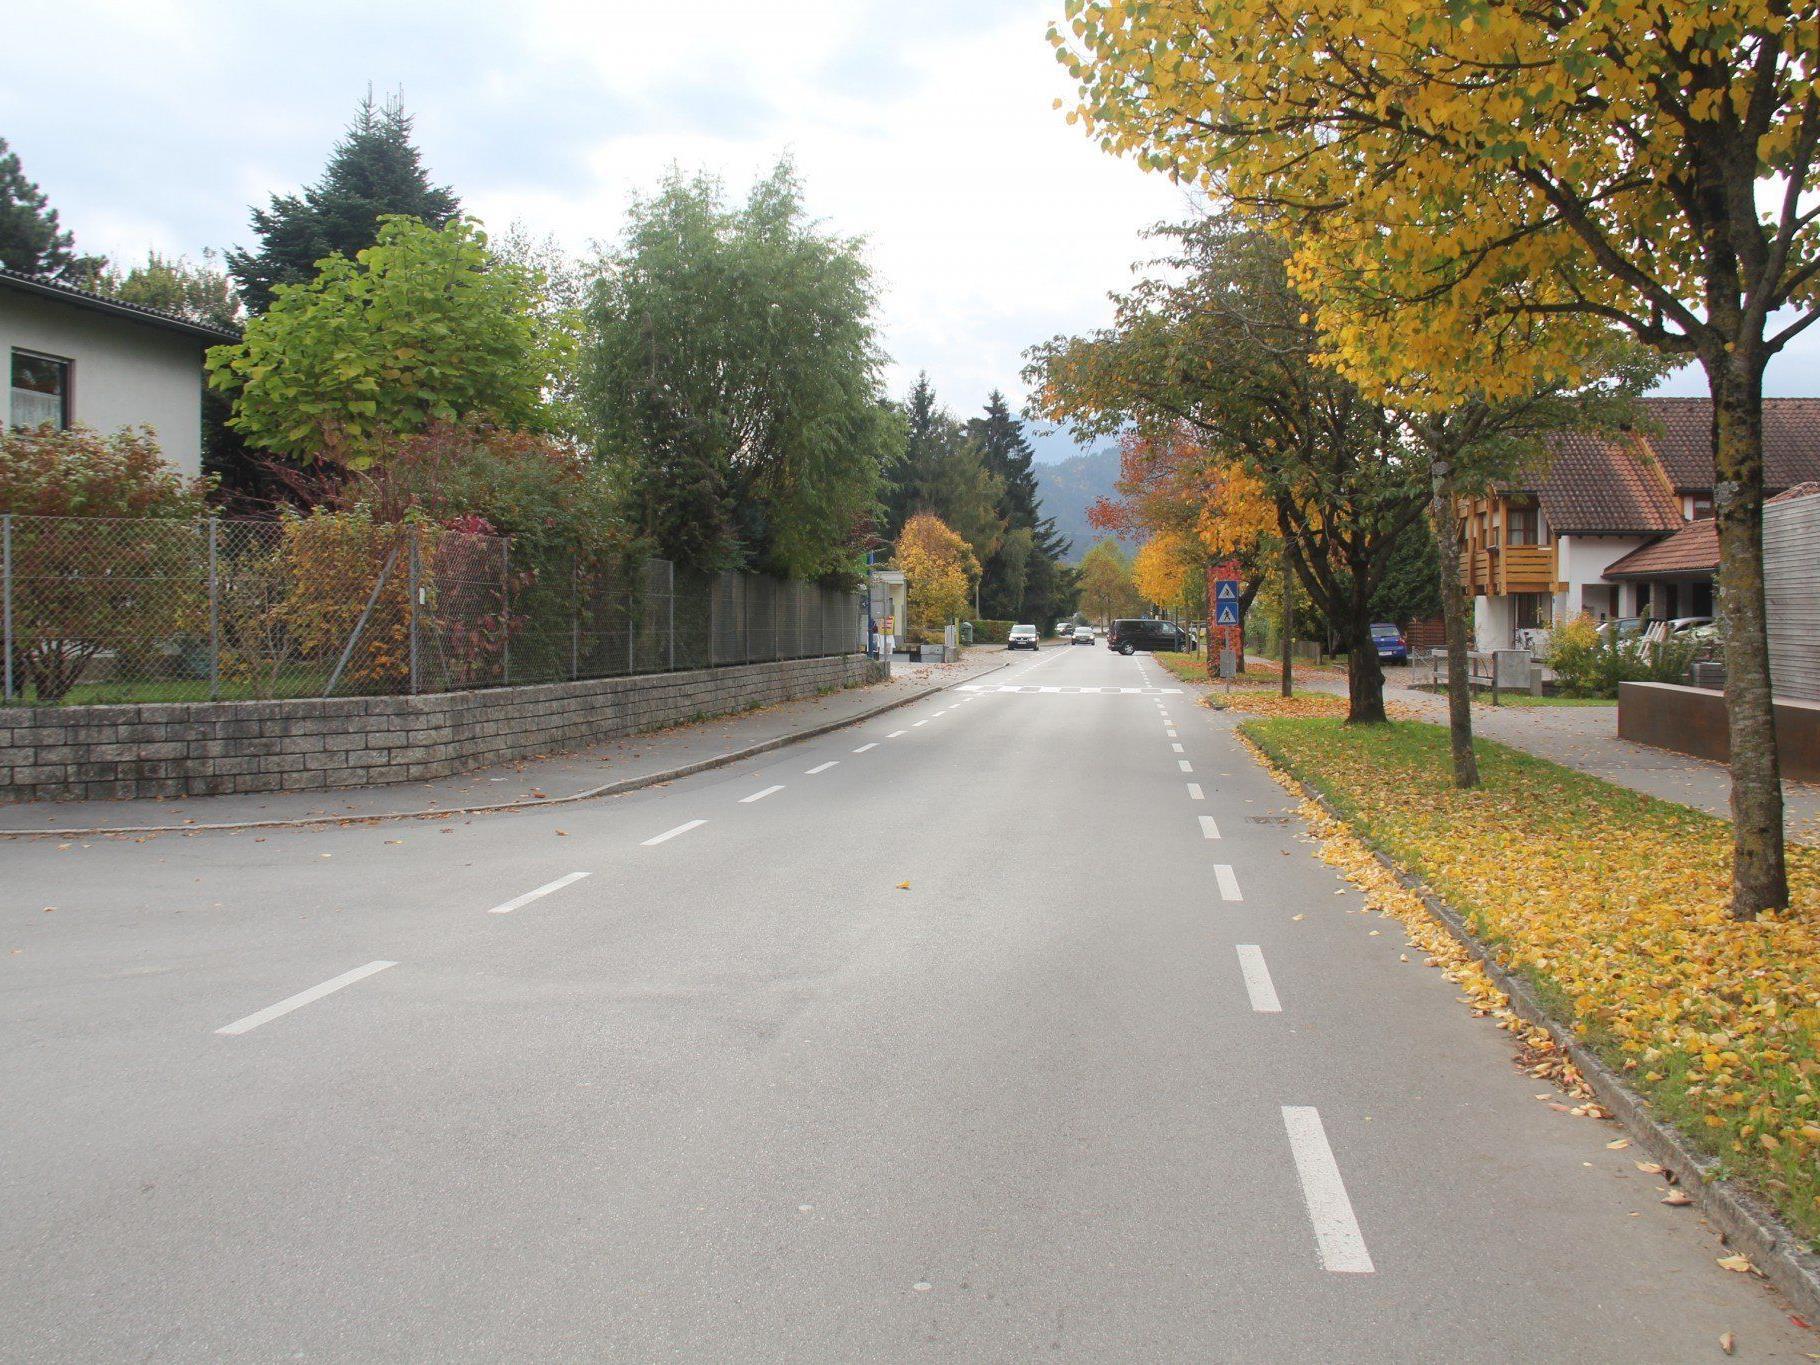 VOL.AT stellt die Straßen in Vorarlberg in einer großen Serie vor.  Im Bild die Vorderlandstraße.